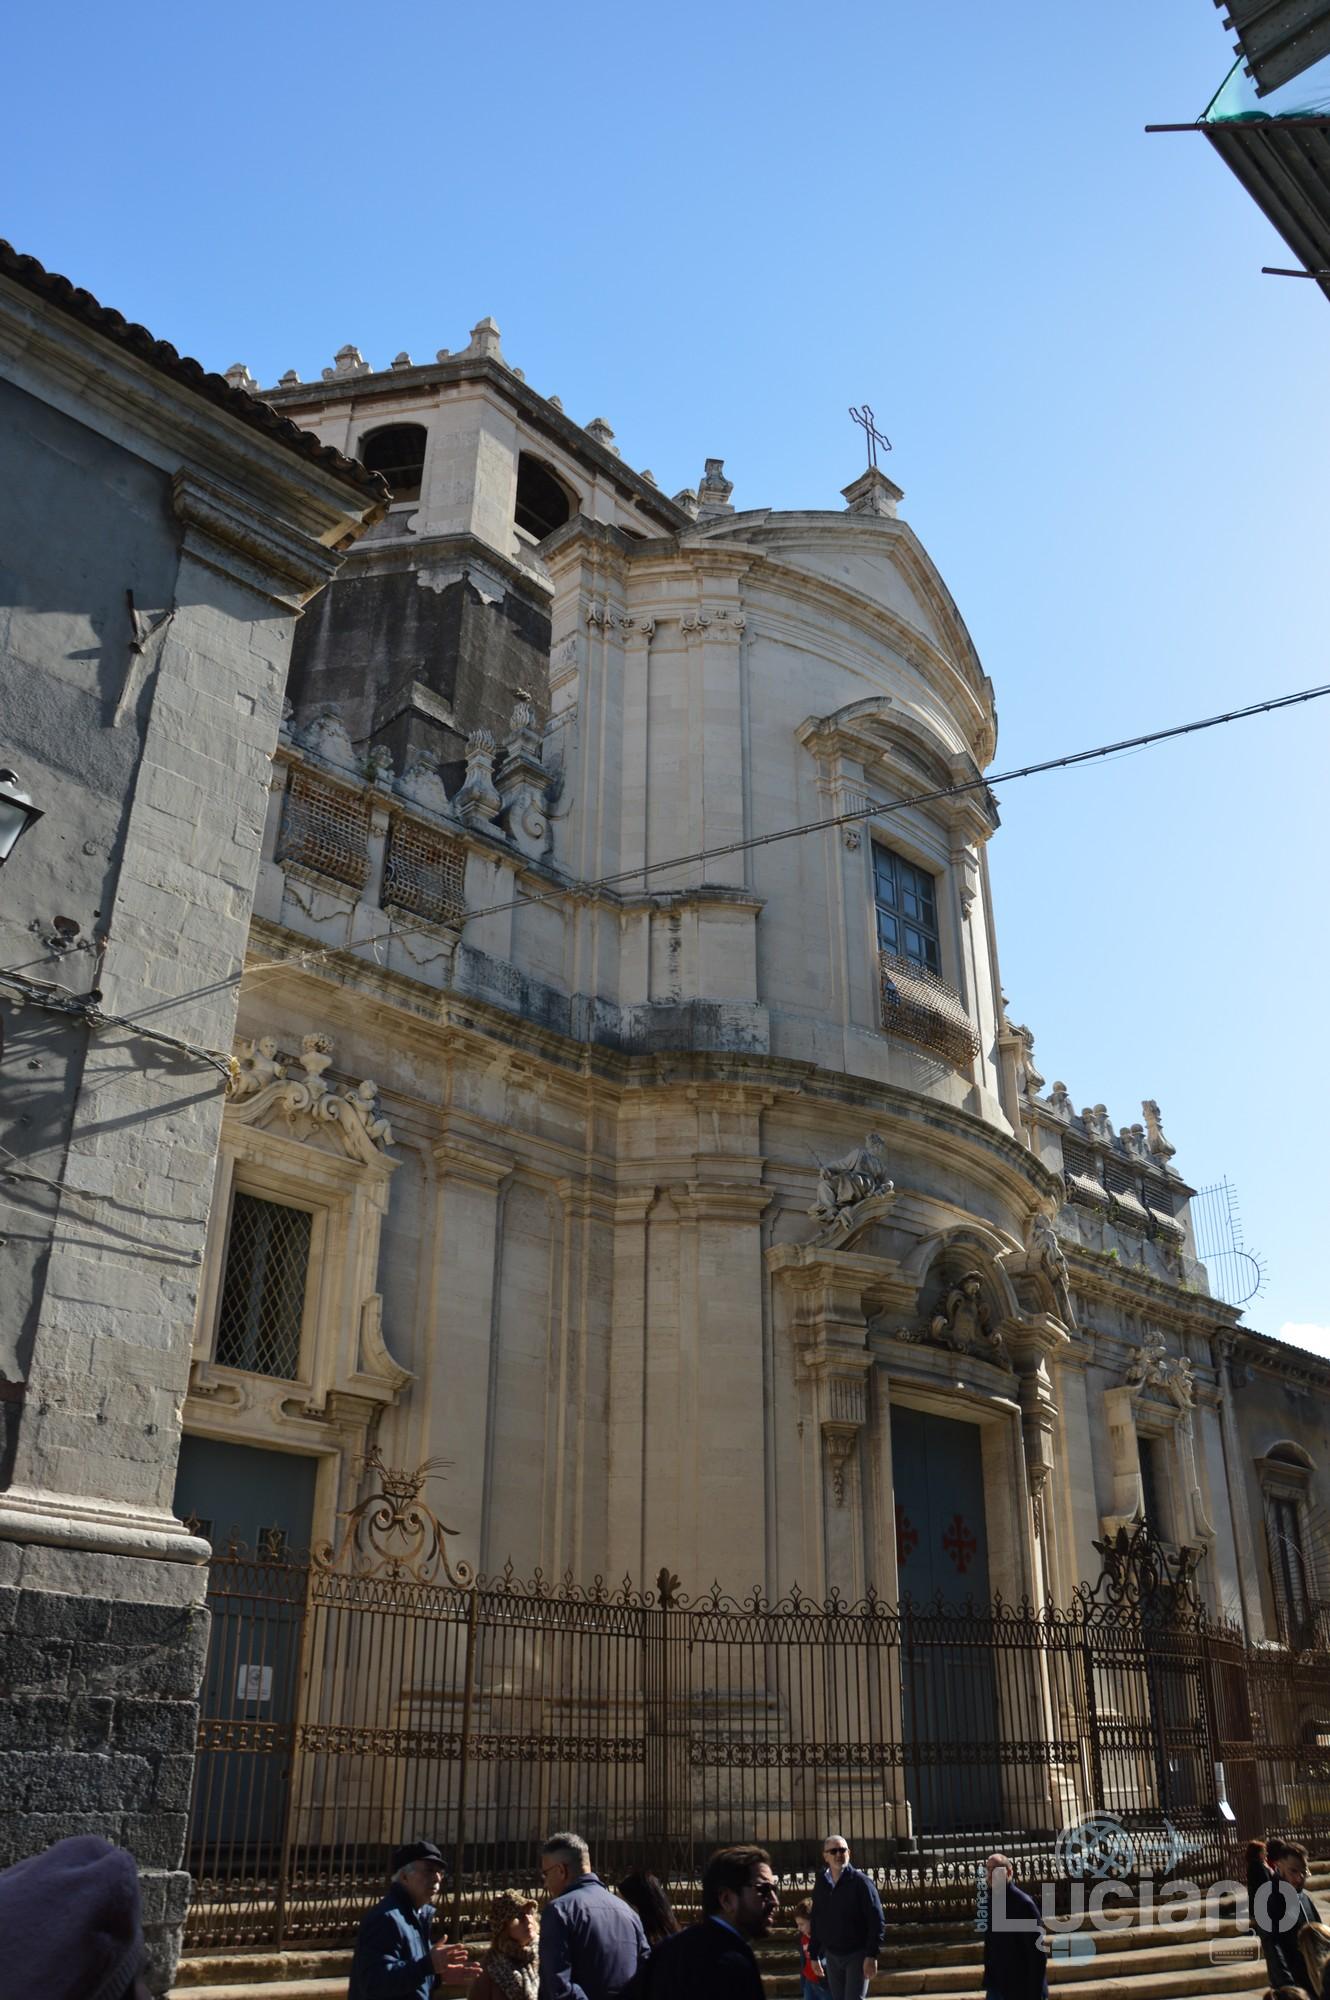 Facciata della Chiesa di San Giuliano, durante i festeggiamenti per Sant'Agata 2019 - Catania (CT)